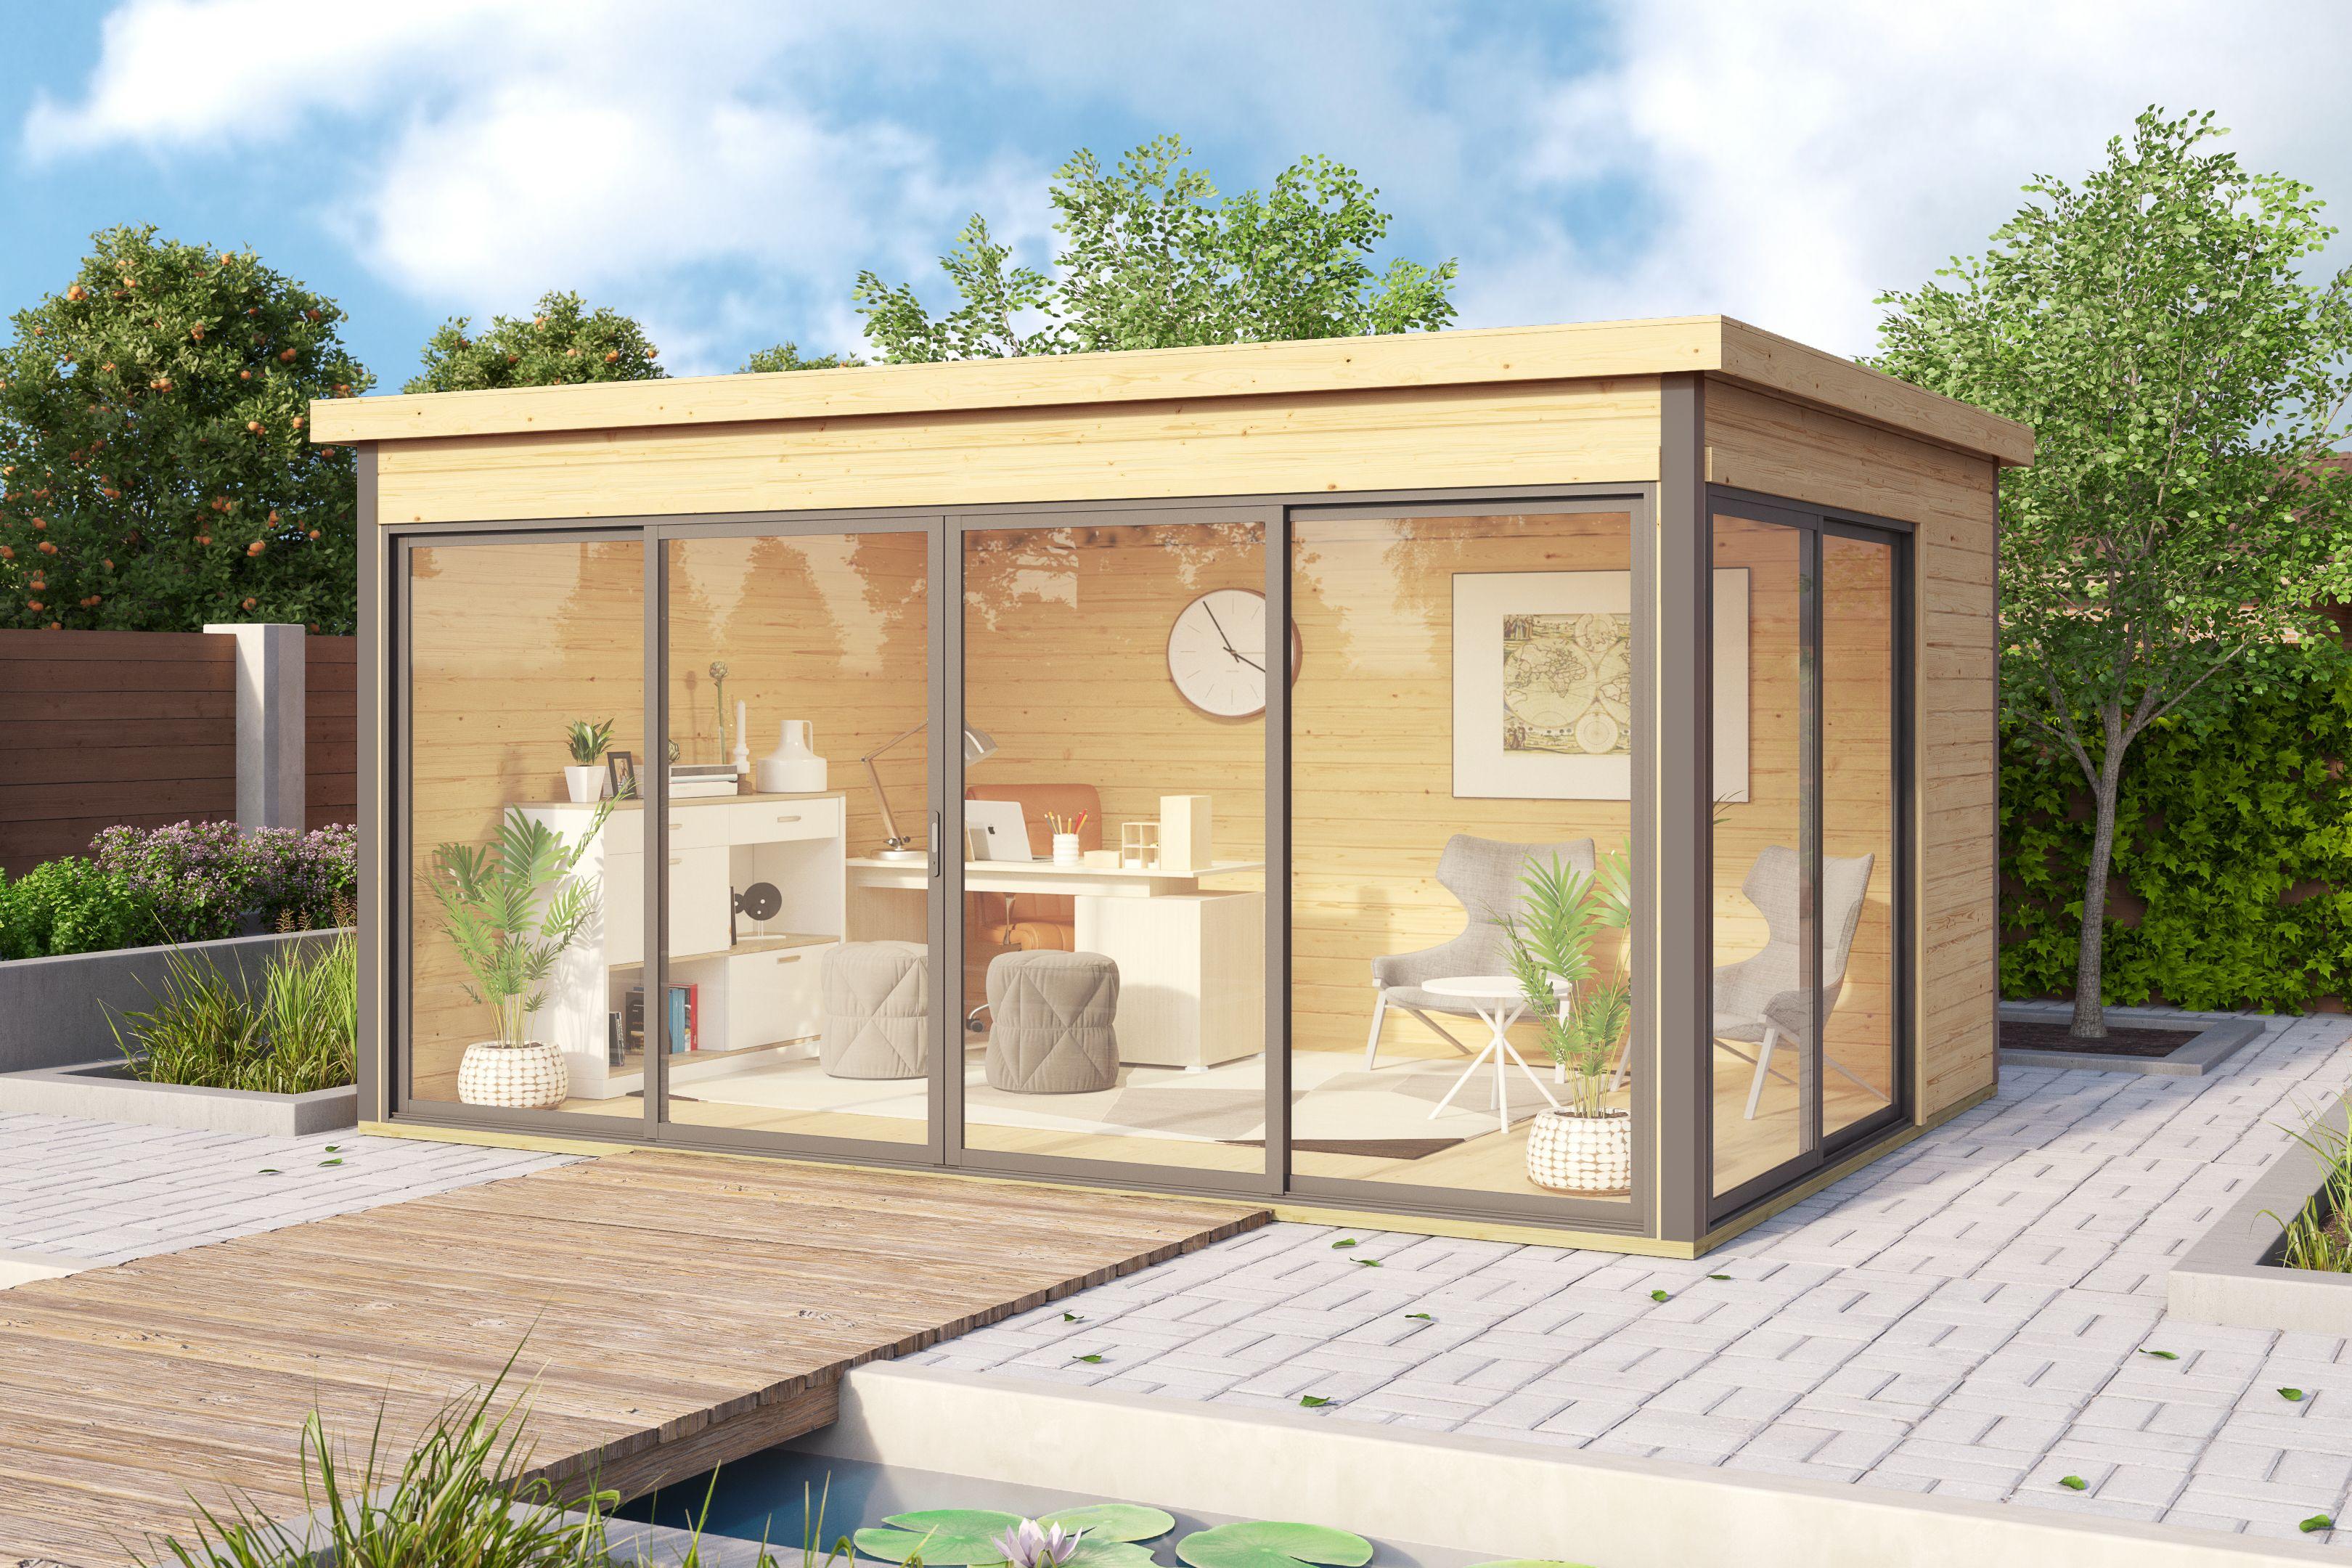 Bureau De Jardin Argos 4 - 12M2 En 2020 | Bureau De Jardin ... pour Abri De Jardin 12M2